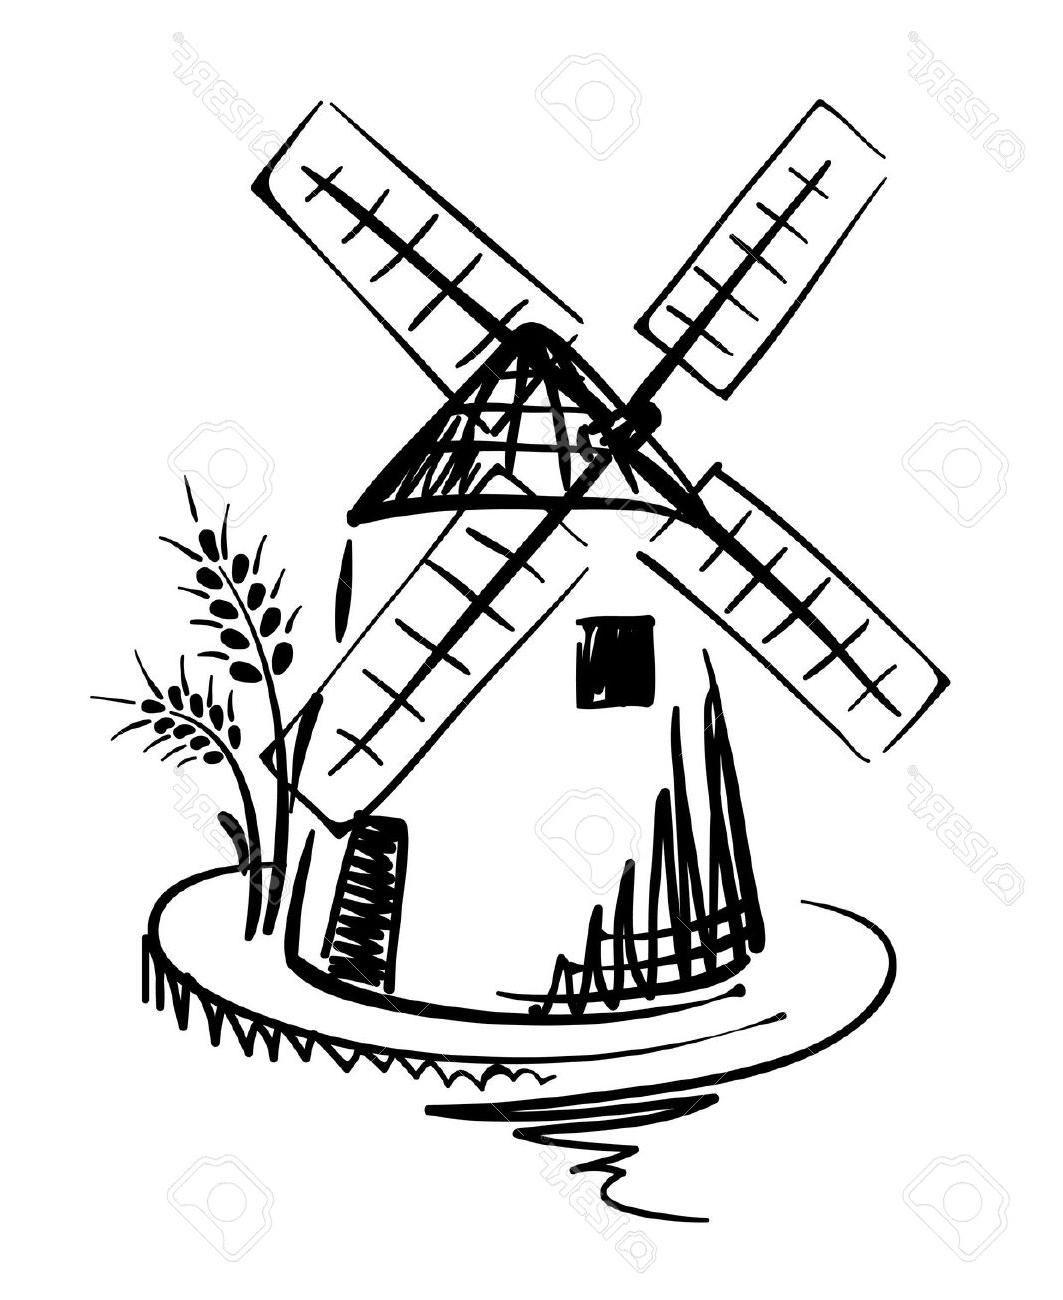 Windmill Vector Drawing Real Clipart And Vector Graphics Windmolens Beschilderde Steentjes Stap Voor Stap Tekenen